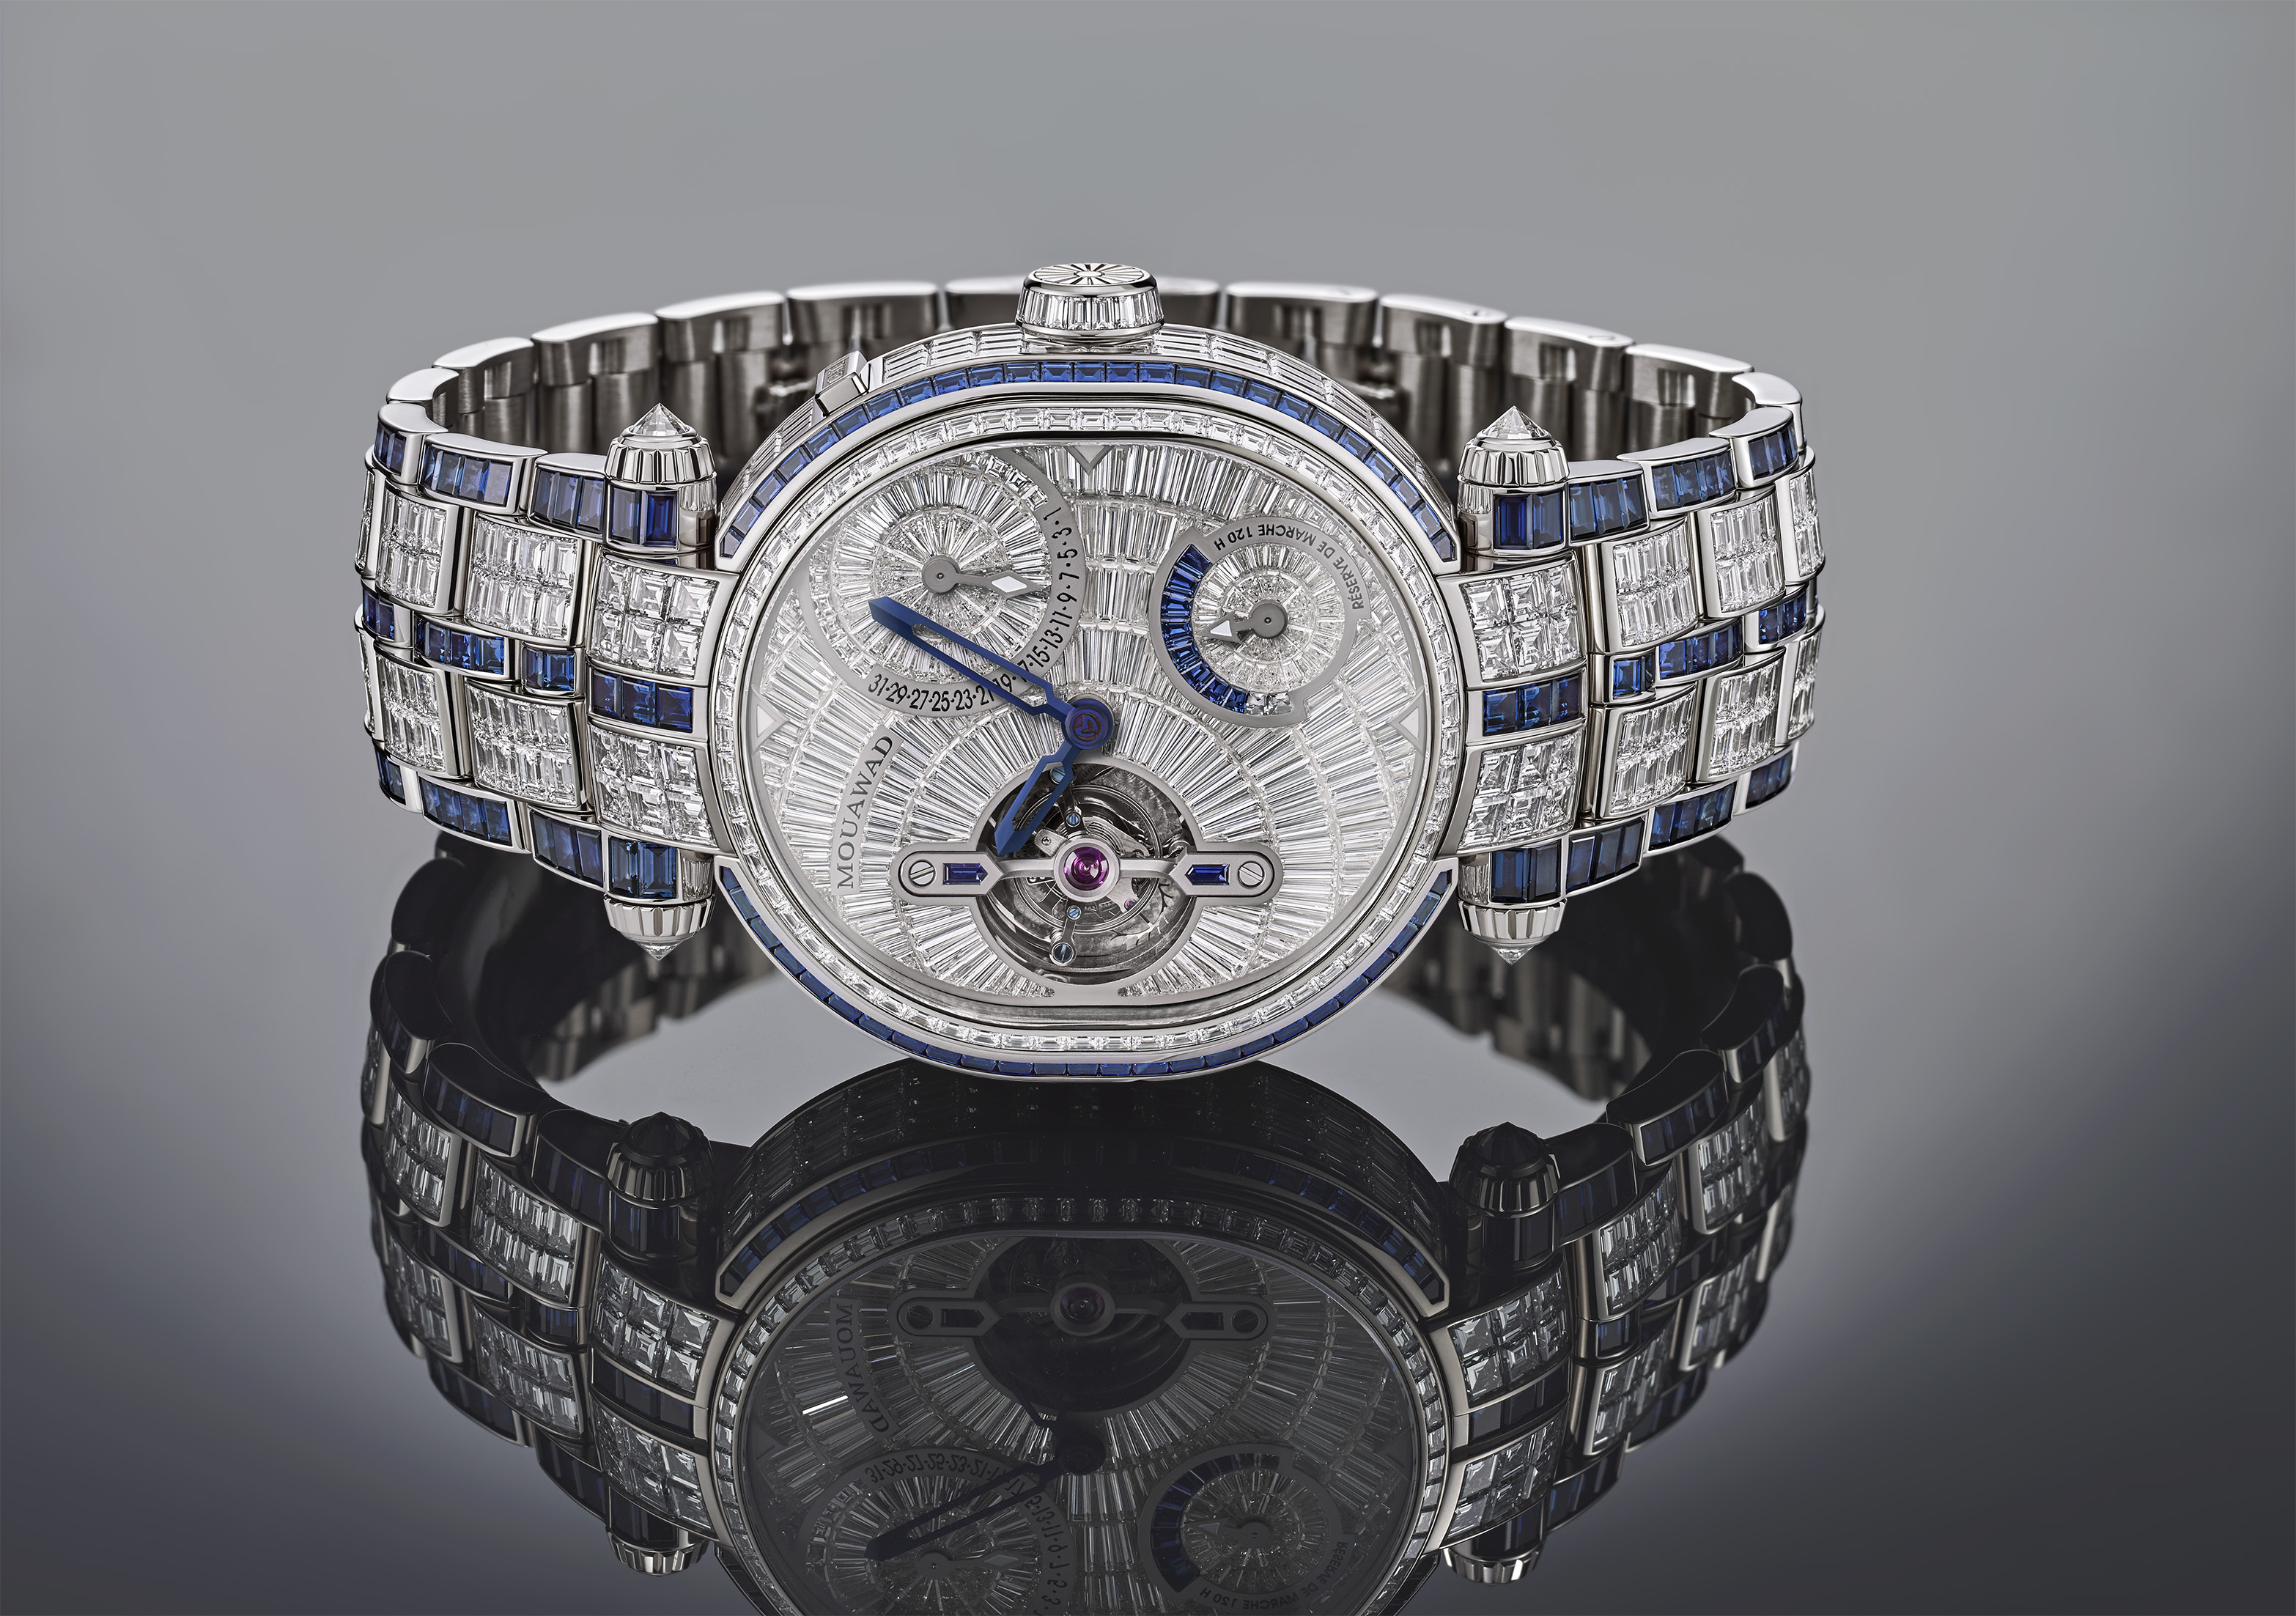 معوّض جنيف اسم عريق في صناعة الساعات السويسرية